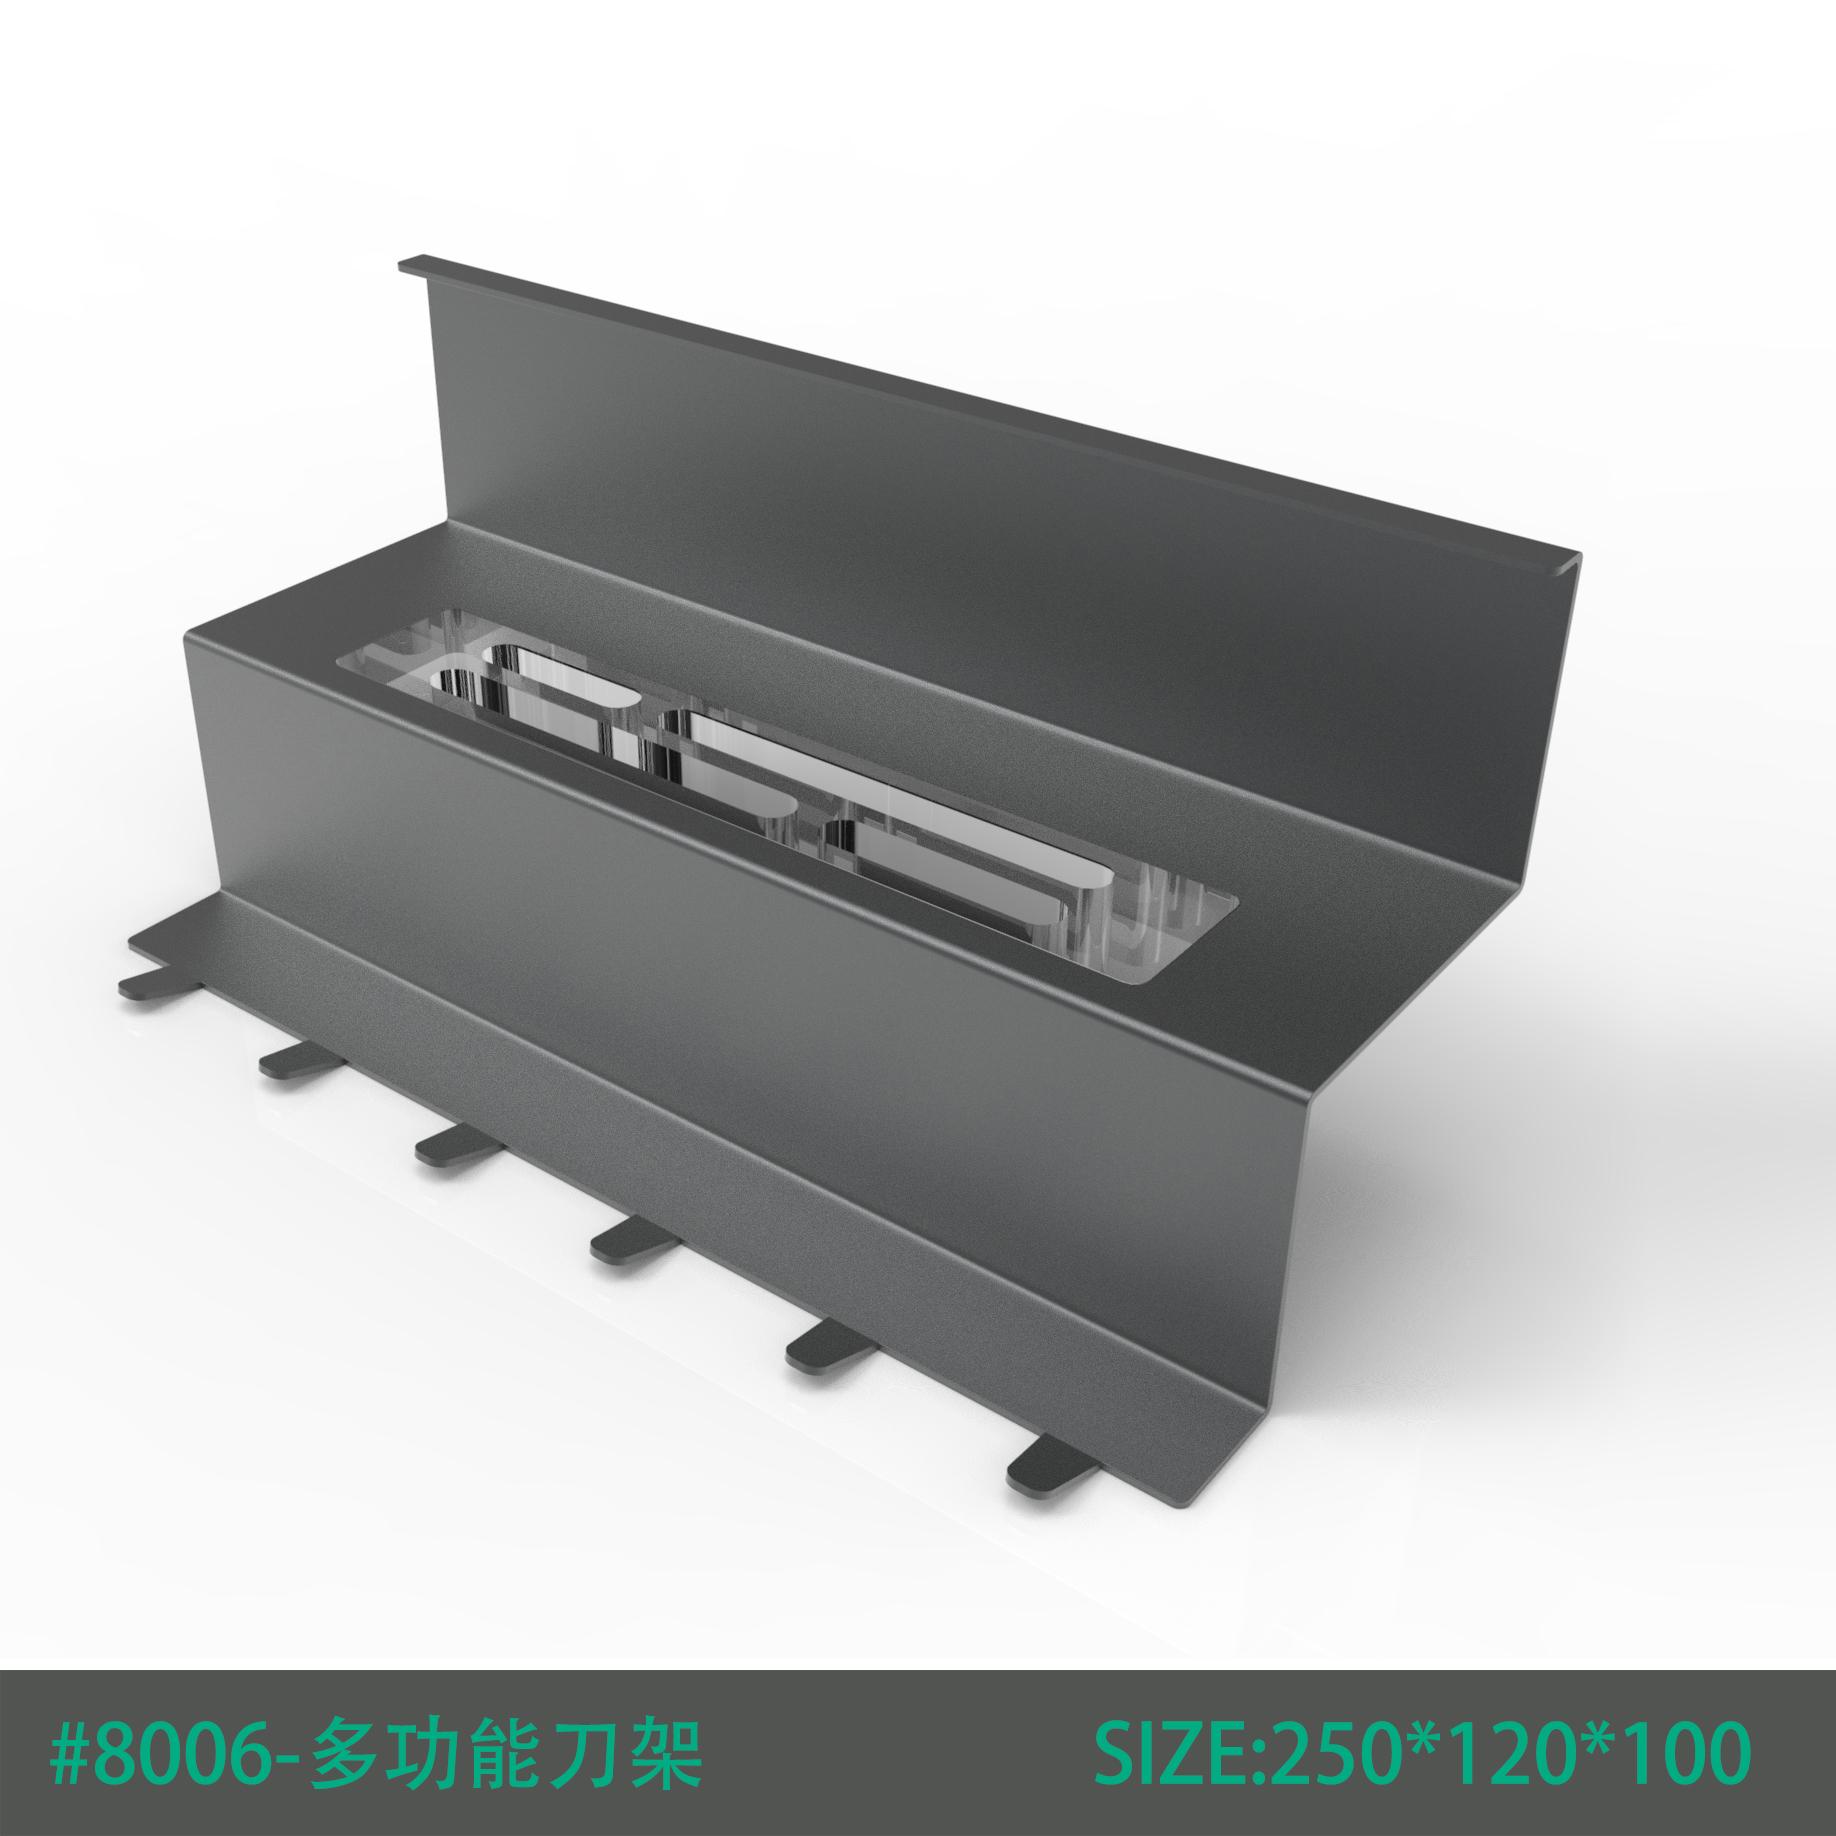 同款 调料 收纳 壁挂件佐料 厨房置物架 凯斯宝玛工艺 德国 SCCJGL